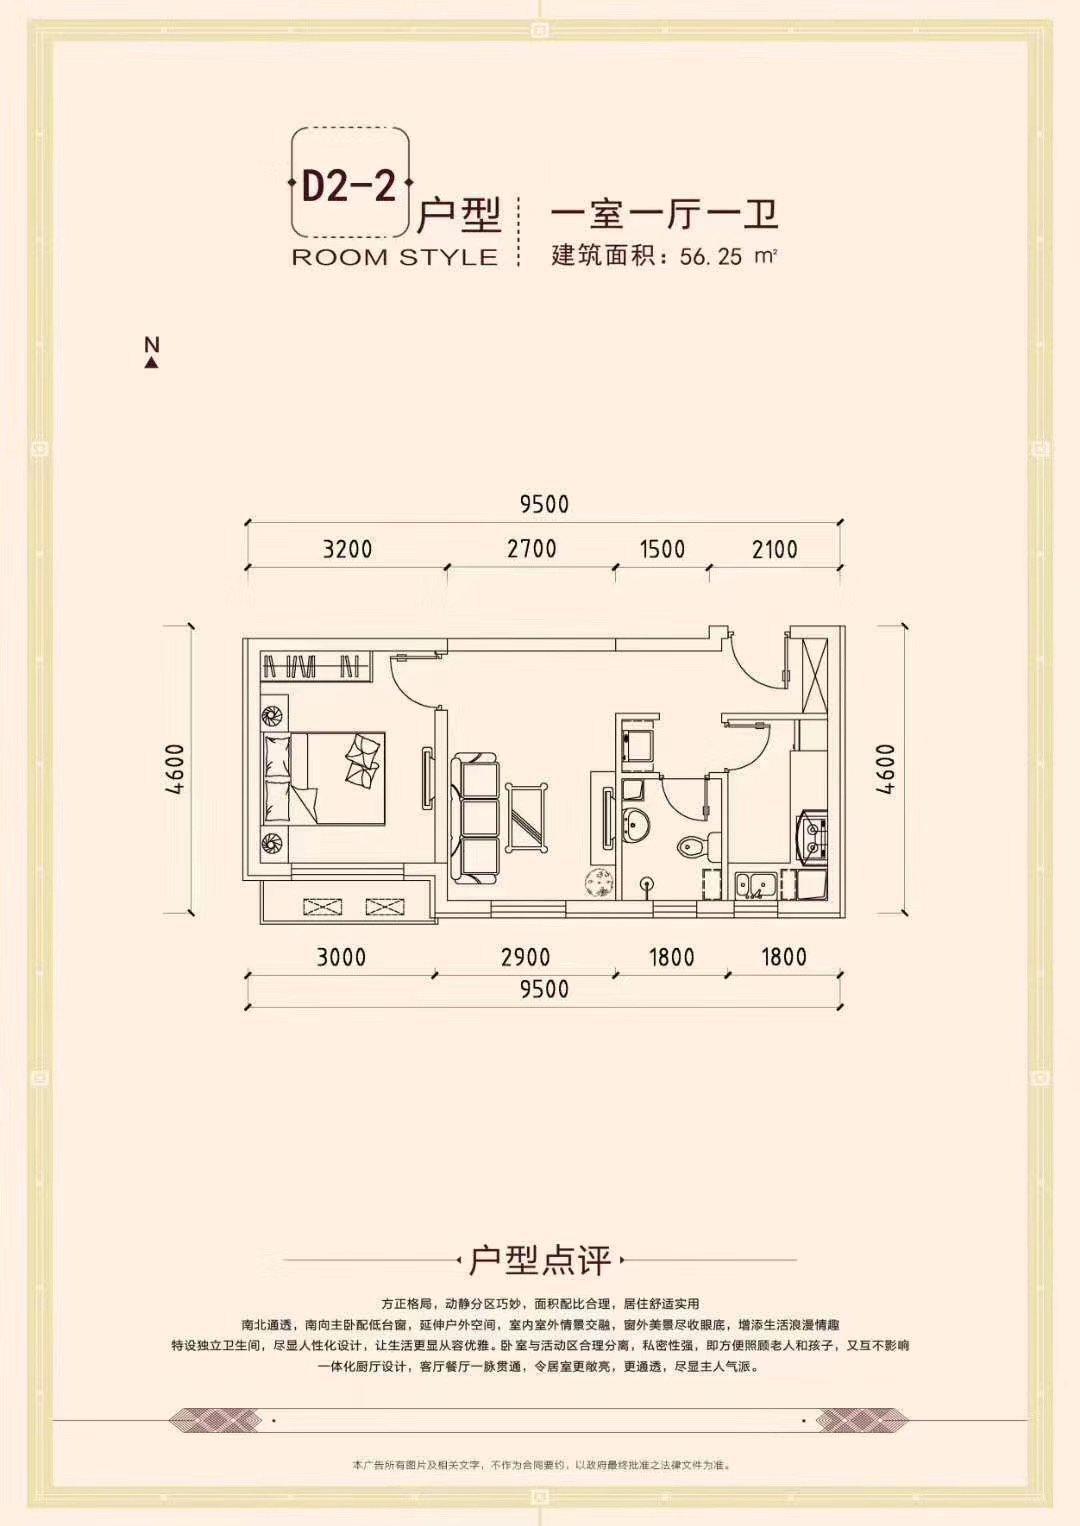 朝阳区北沙滩毛坯3室1厅1卫二手房出售